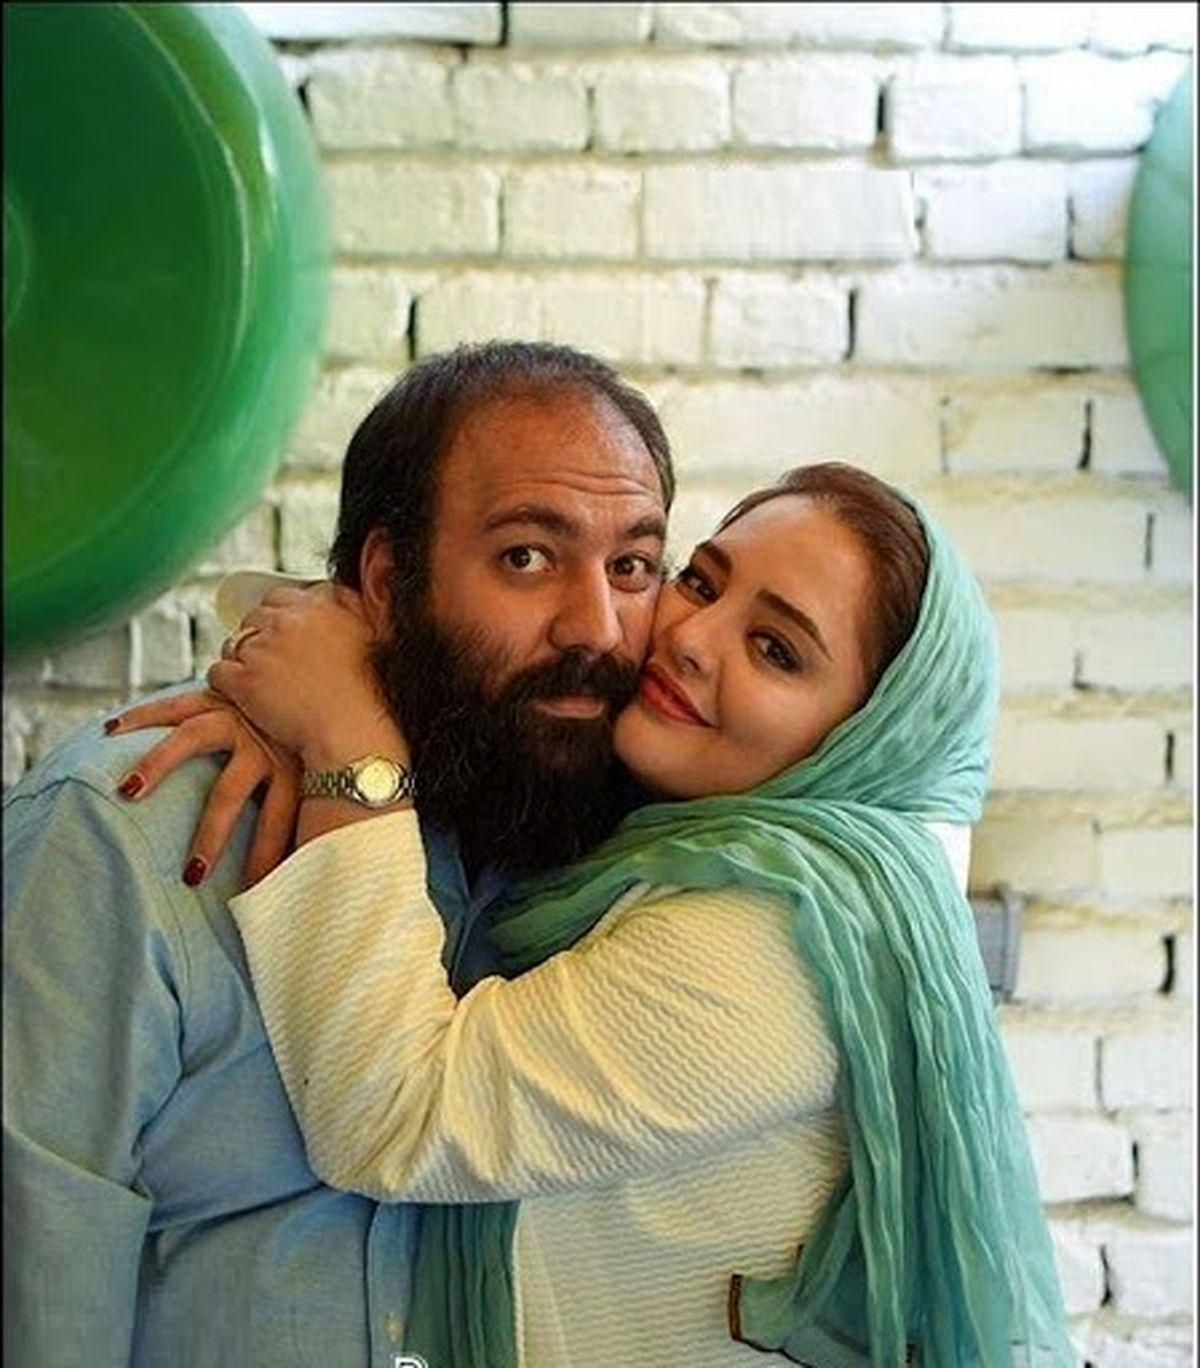 عکس های دیده نشده از مراسم لاکچری ازدواج نرگس محمدی + عکس و بیوگرافی